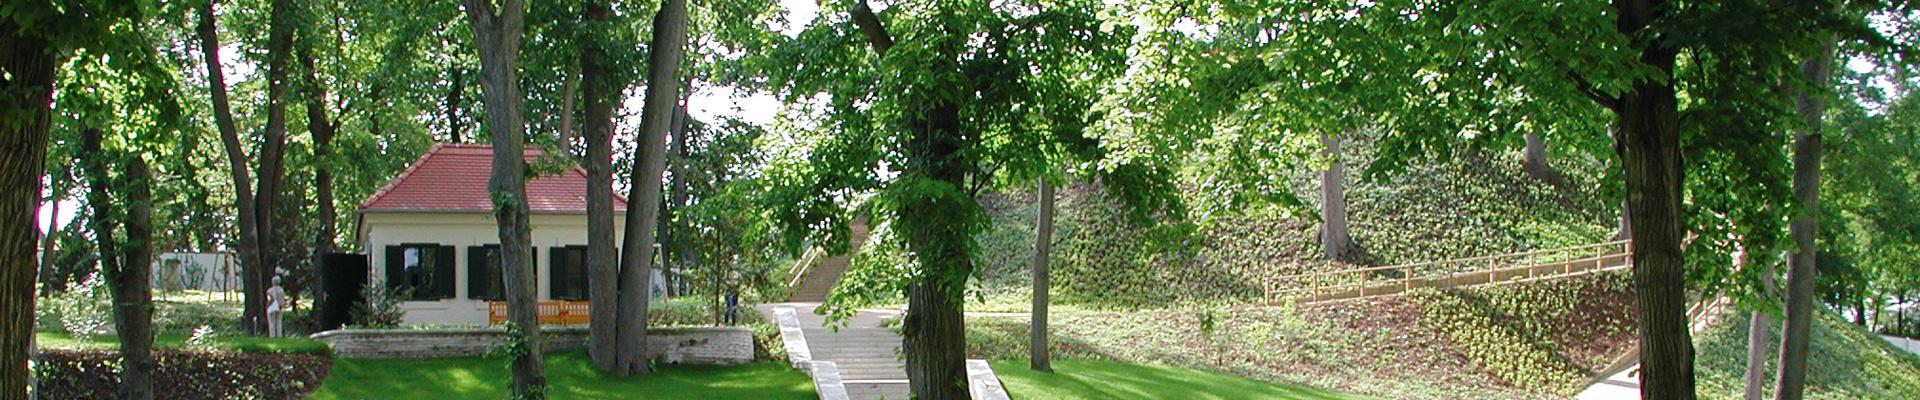 Englischer Garten am Heldenberg